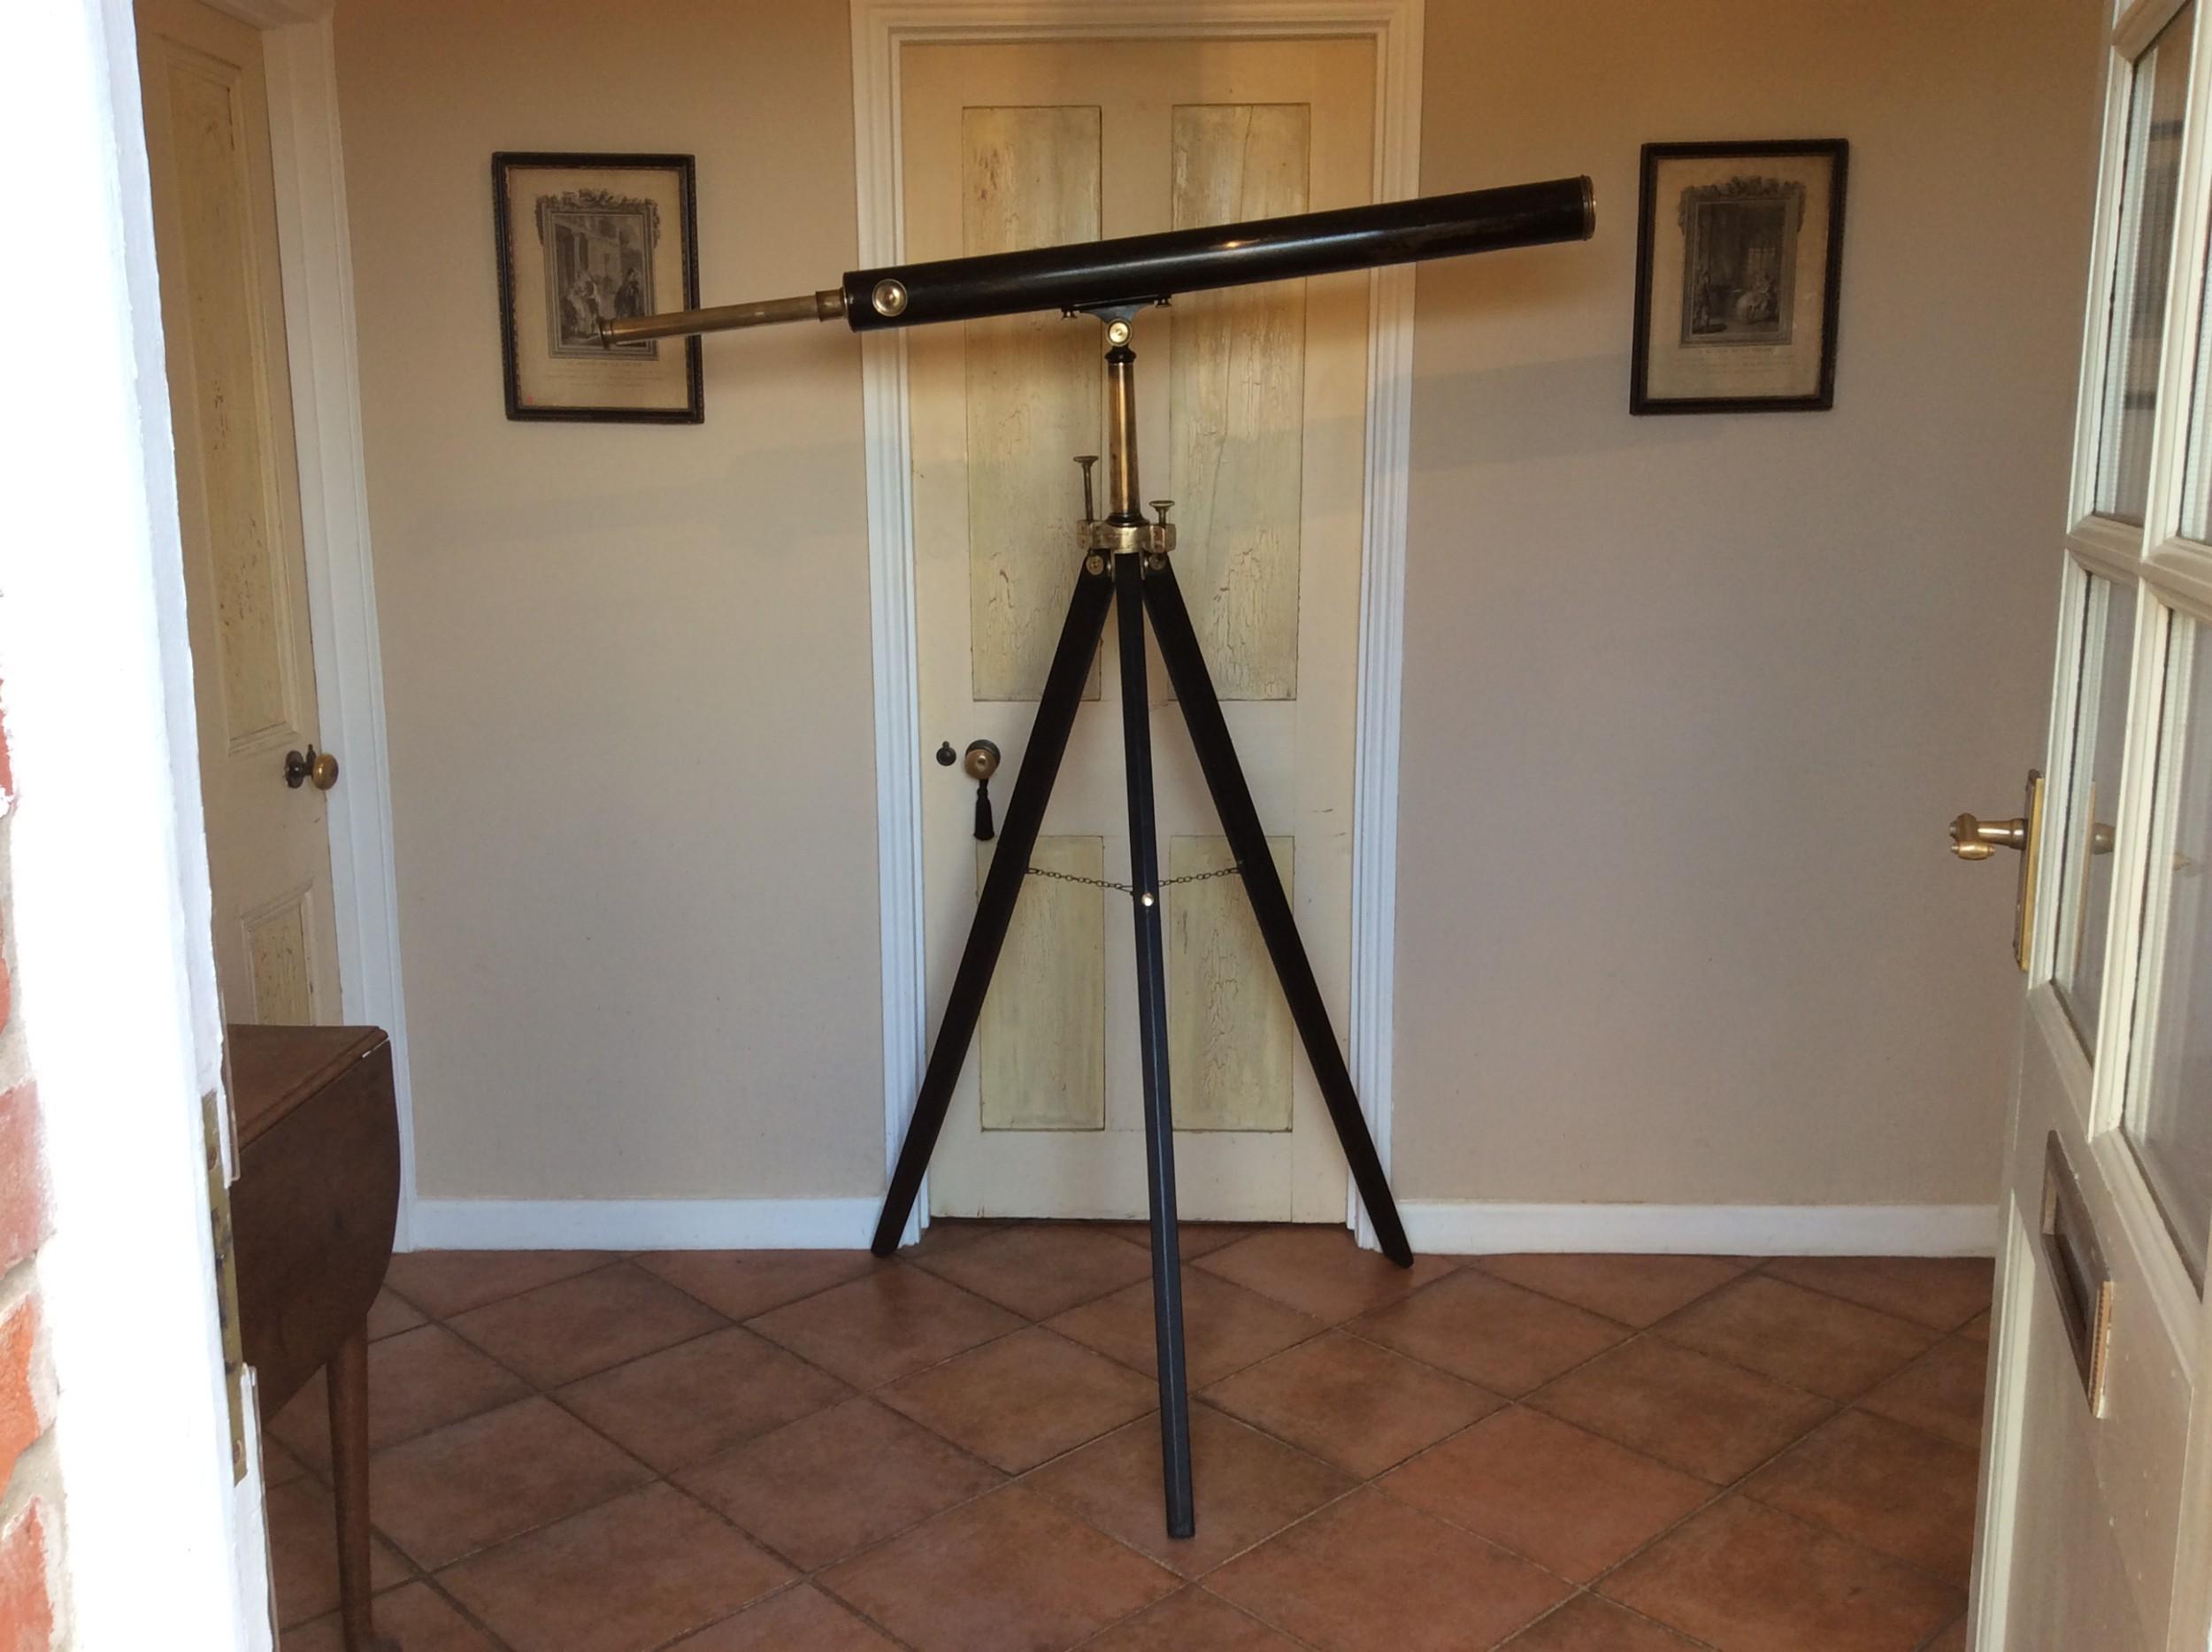 a large negretti zambra telescope